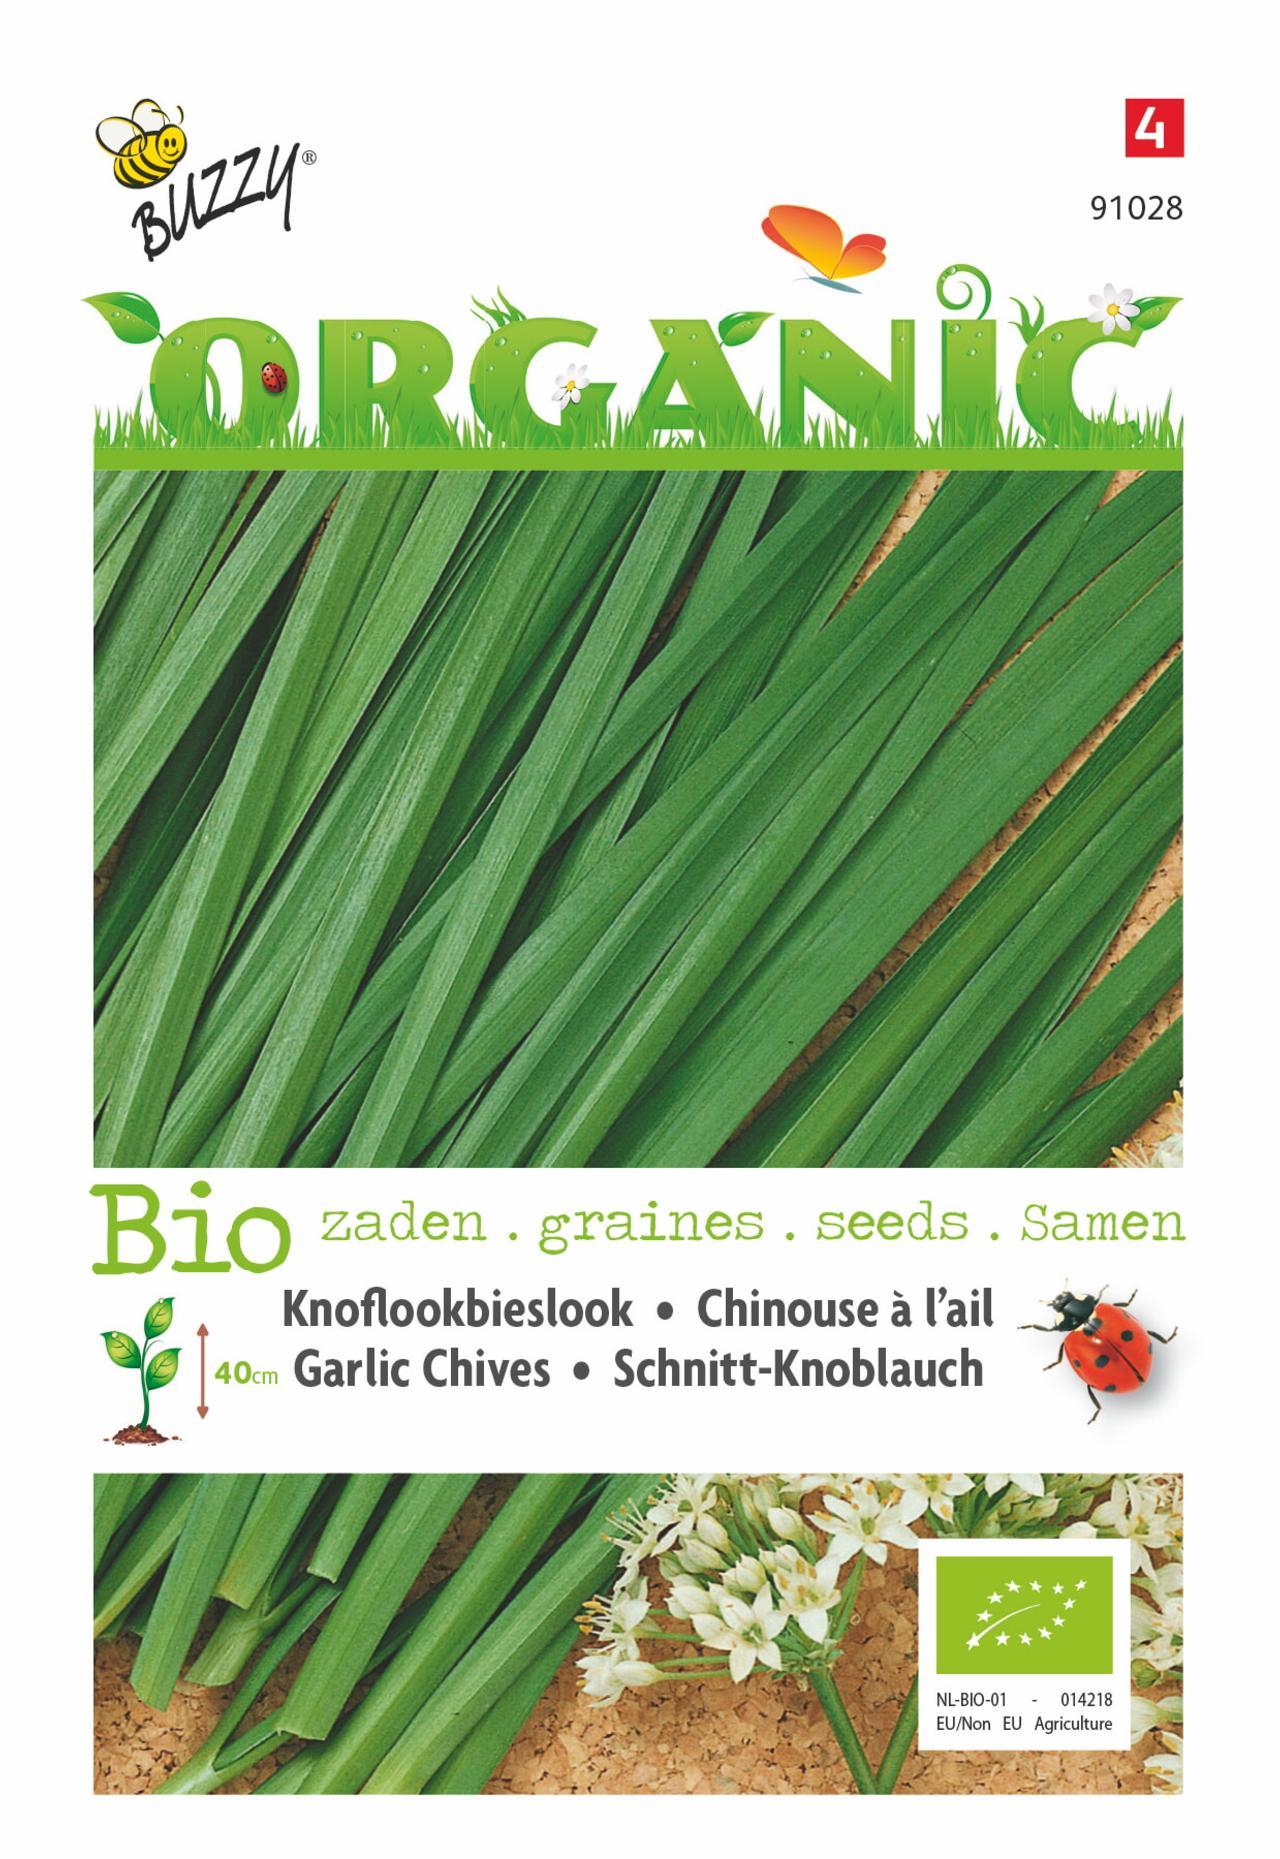 Allium tuberosum (BIO) plant